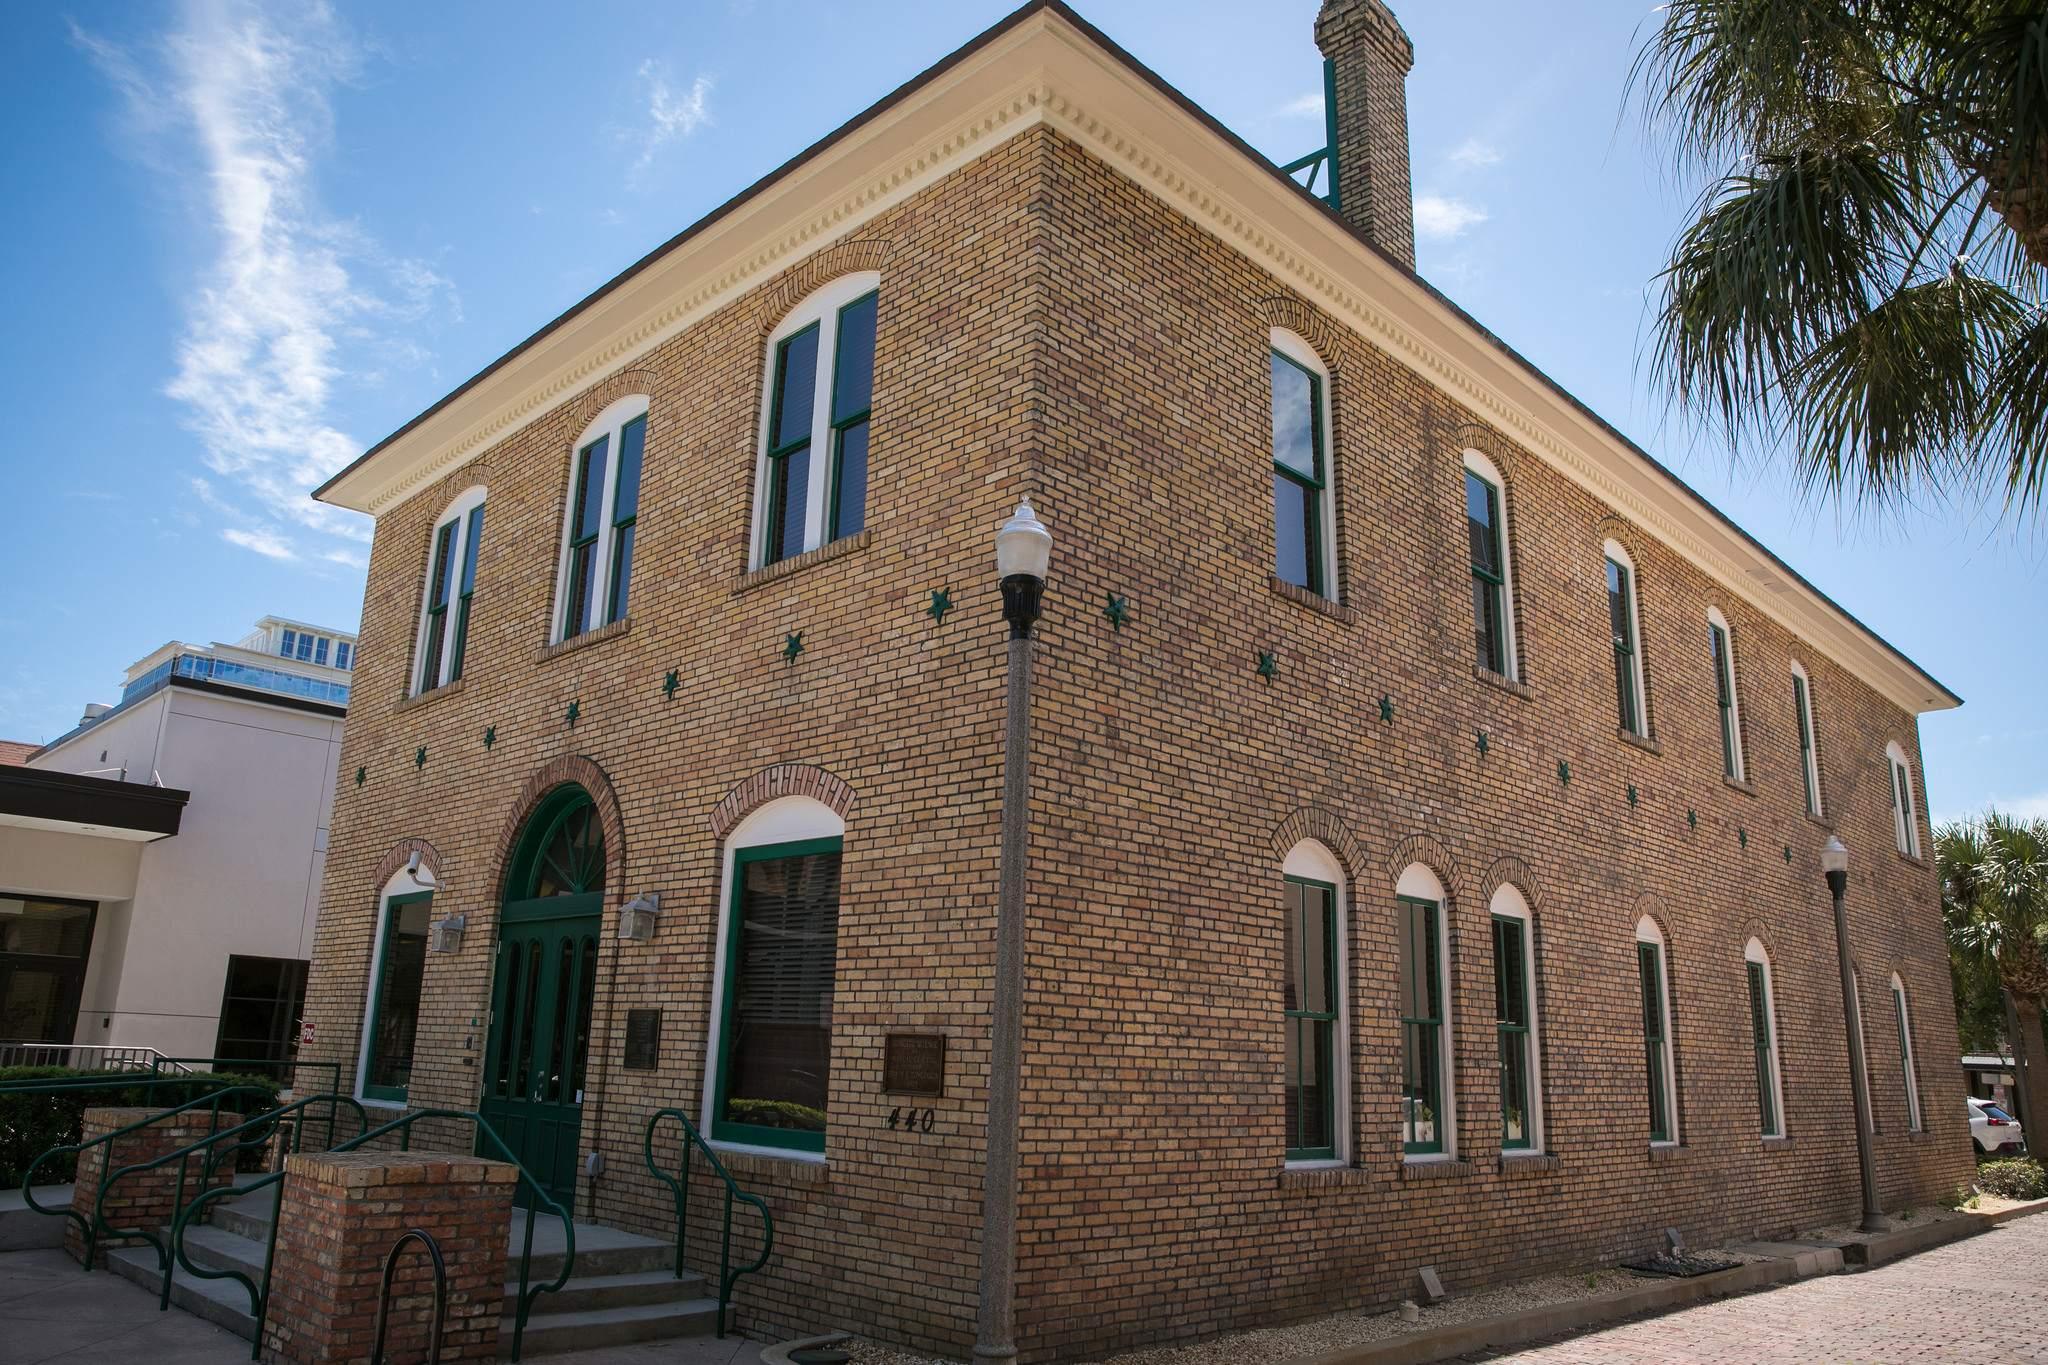 saint petersburg landmark31 Landmarks of Saint Petersburg, Florida